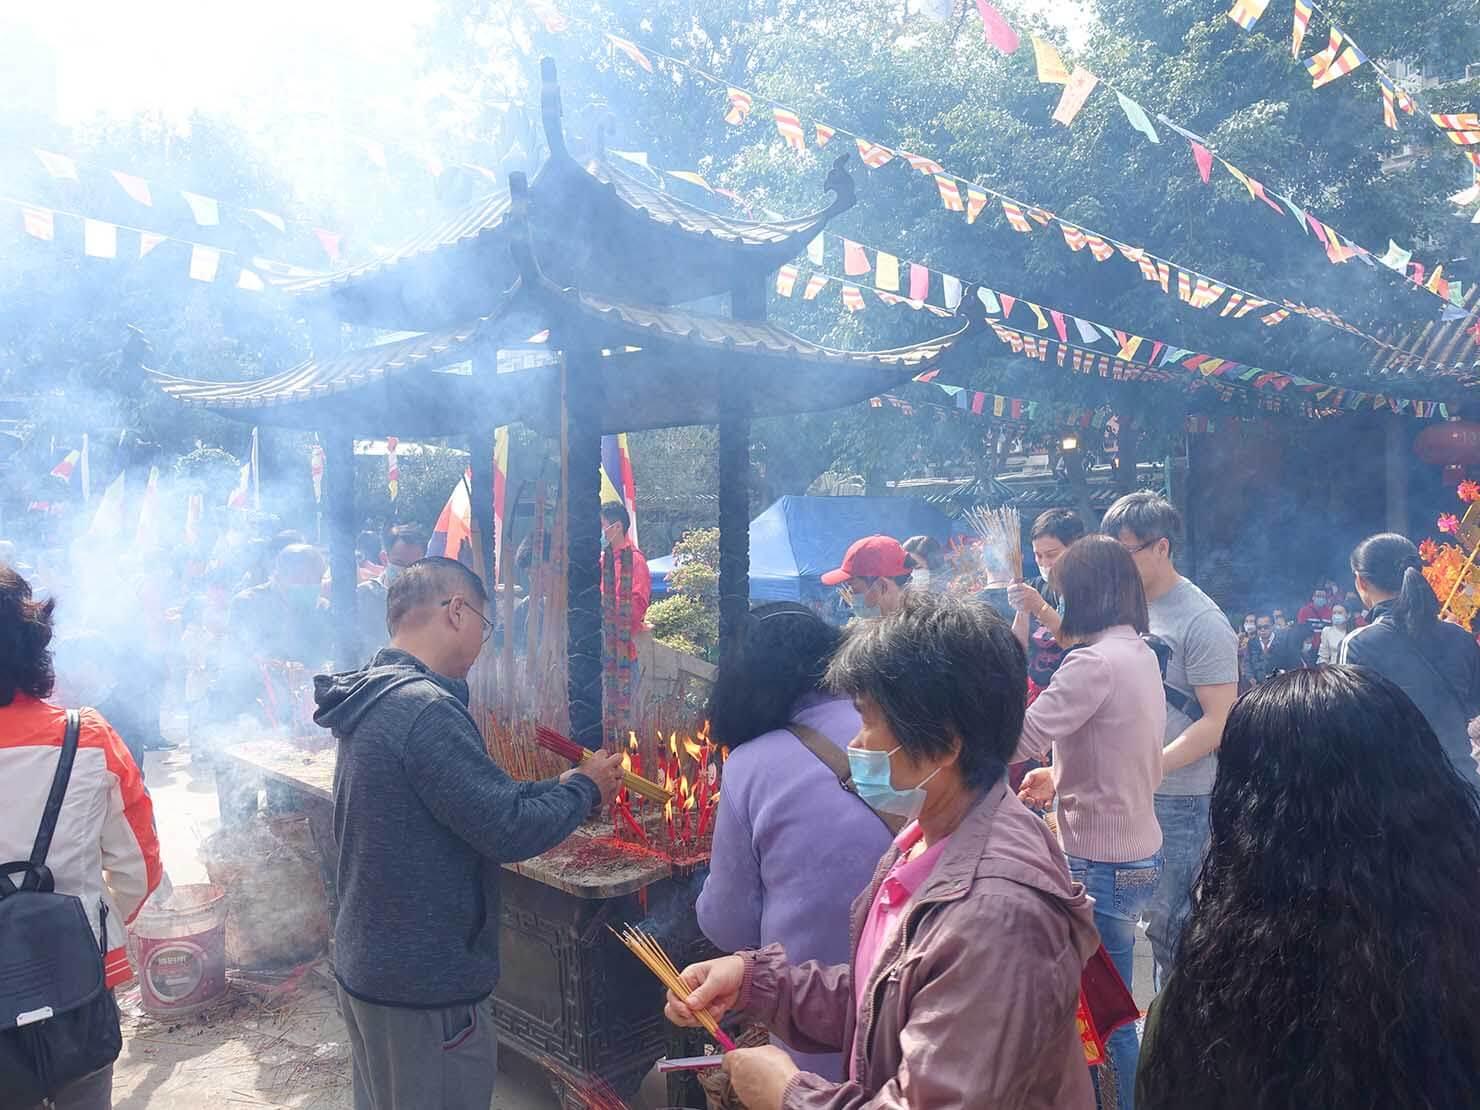 マカオ「普濟禪院」の初詣で立ち上る煙